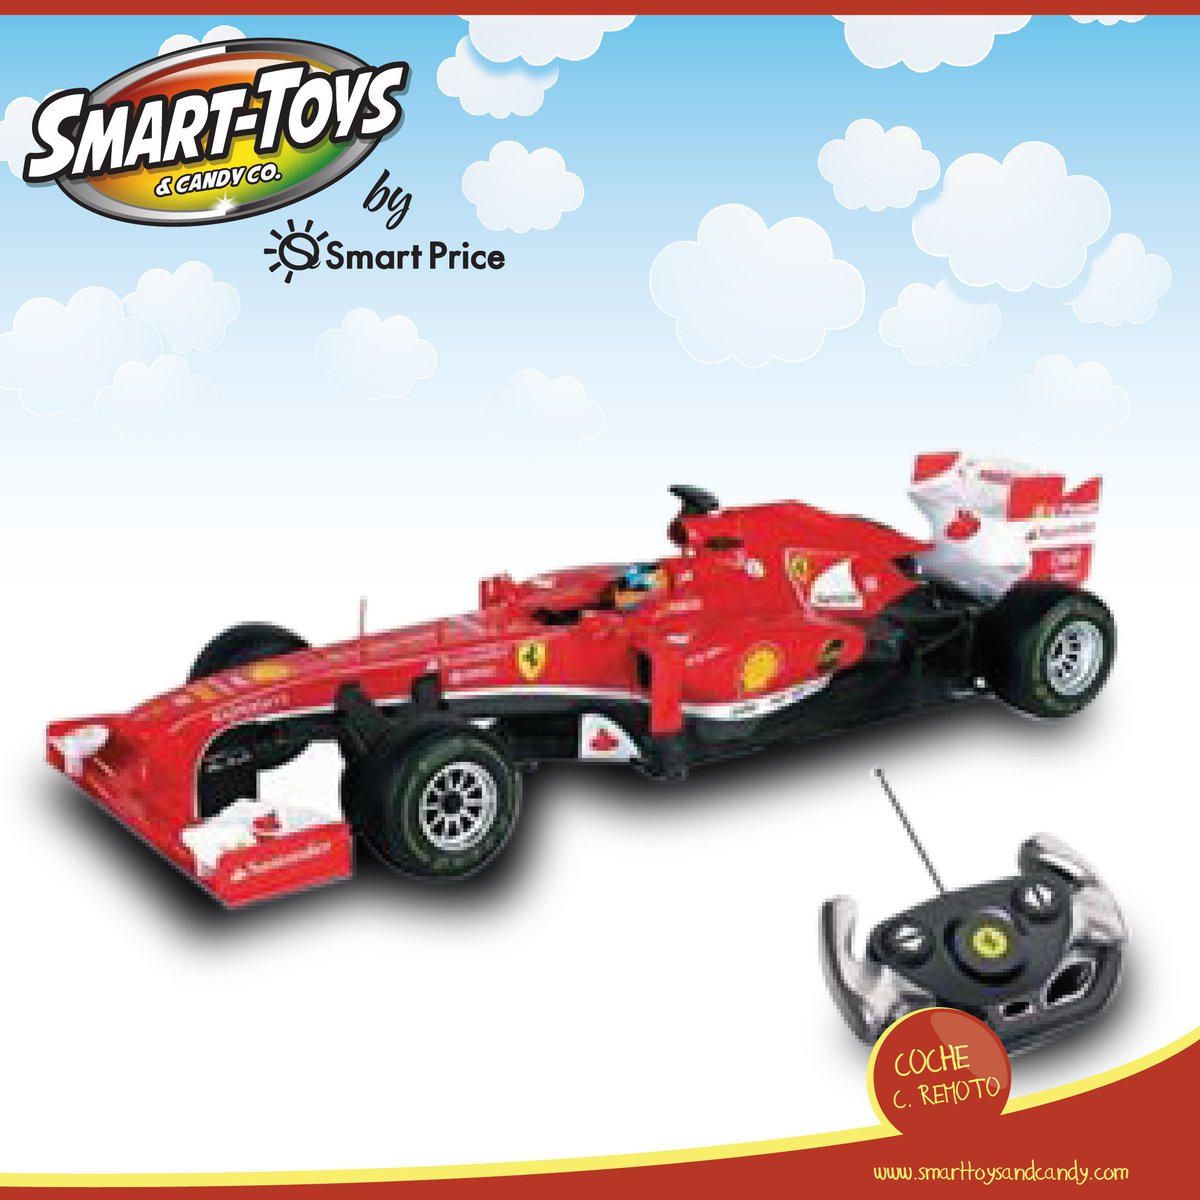 Ya pronto llegará a tiendas el nuevo Ferrari F1 escala 1:18, ¡espéralo! https://t.co/hvqVqnIZhl